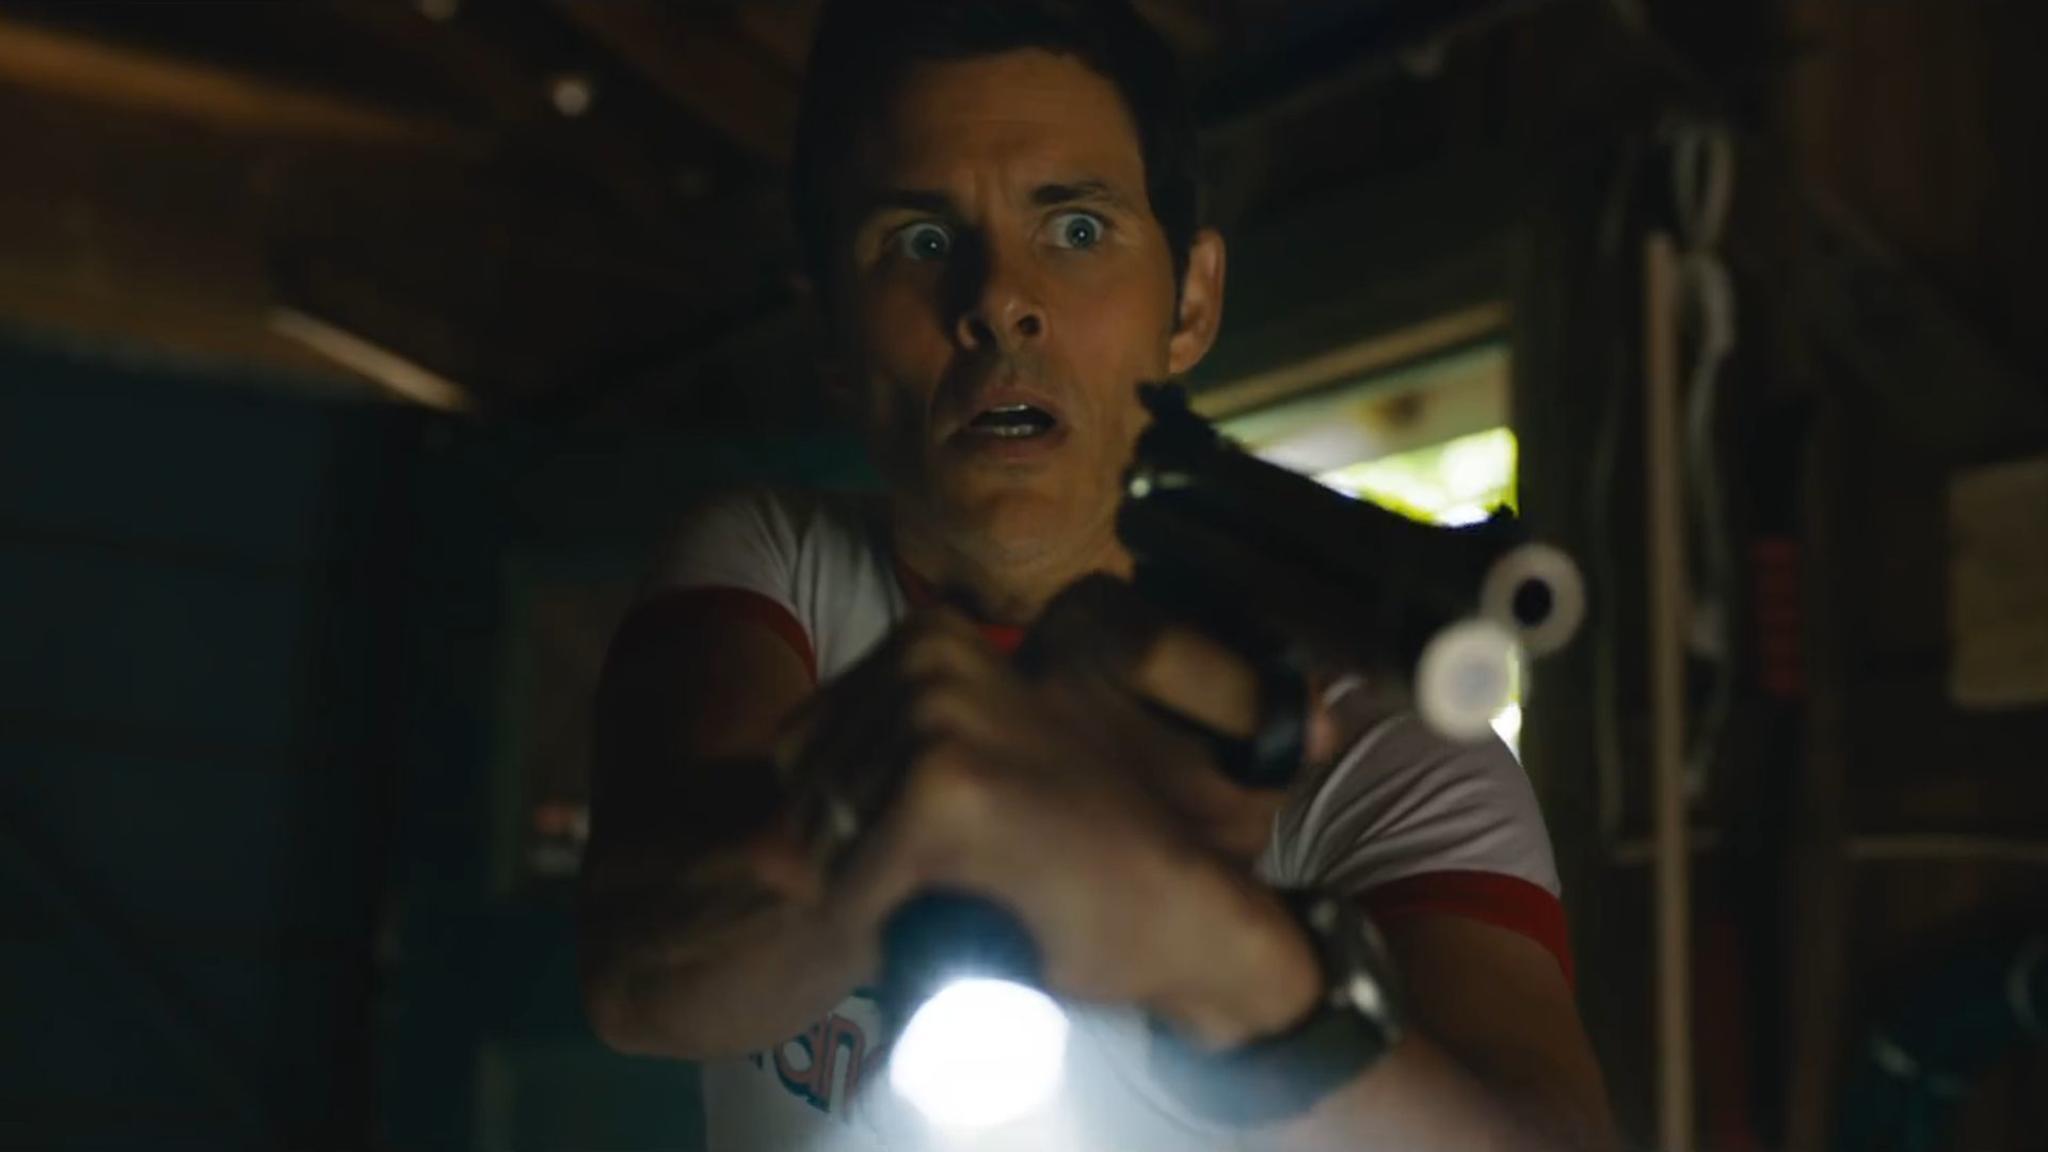 """Den entsetzten Gesichtsausdruck aus dem """"Sonic""""-Film kann James Marsden für """"The Stand"""" gleich beibehalten."""